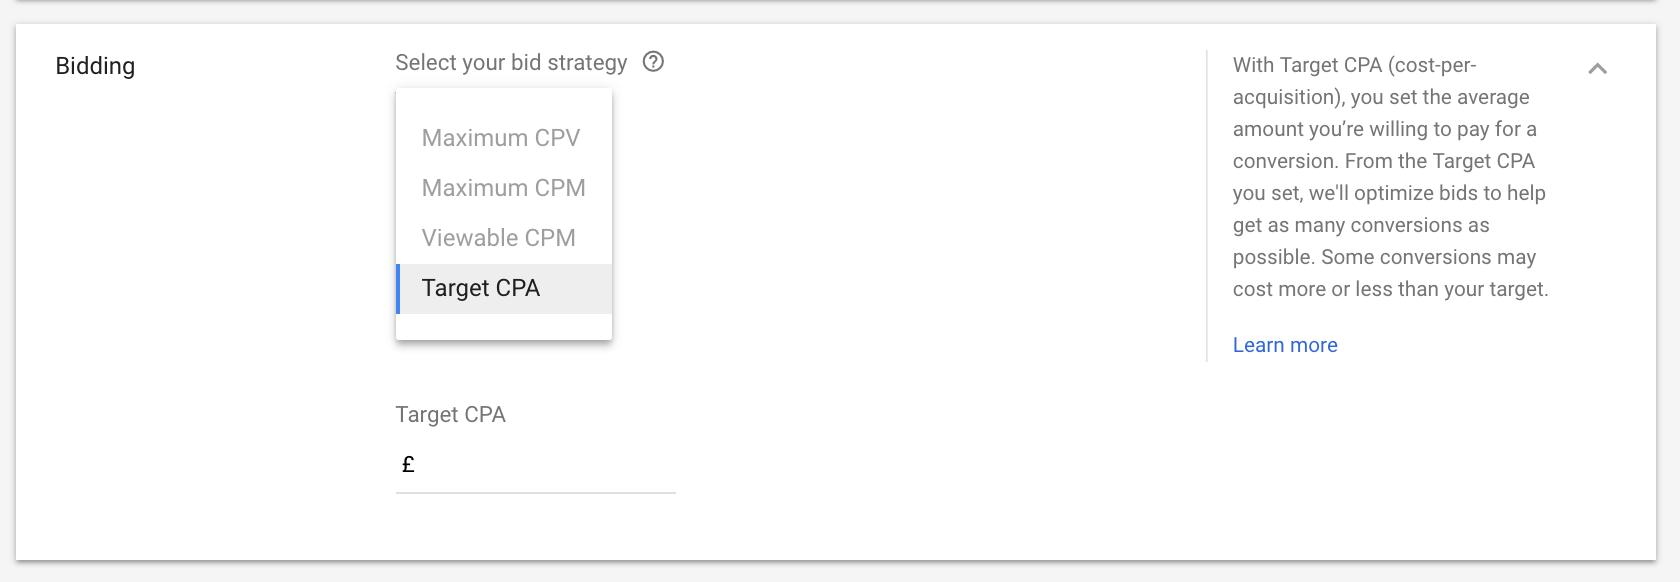 Chiến lược đặt giá thầu cho Quảng cáo video YouTube